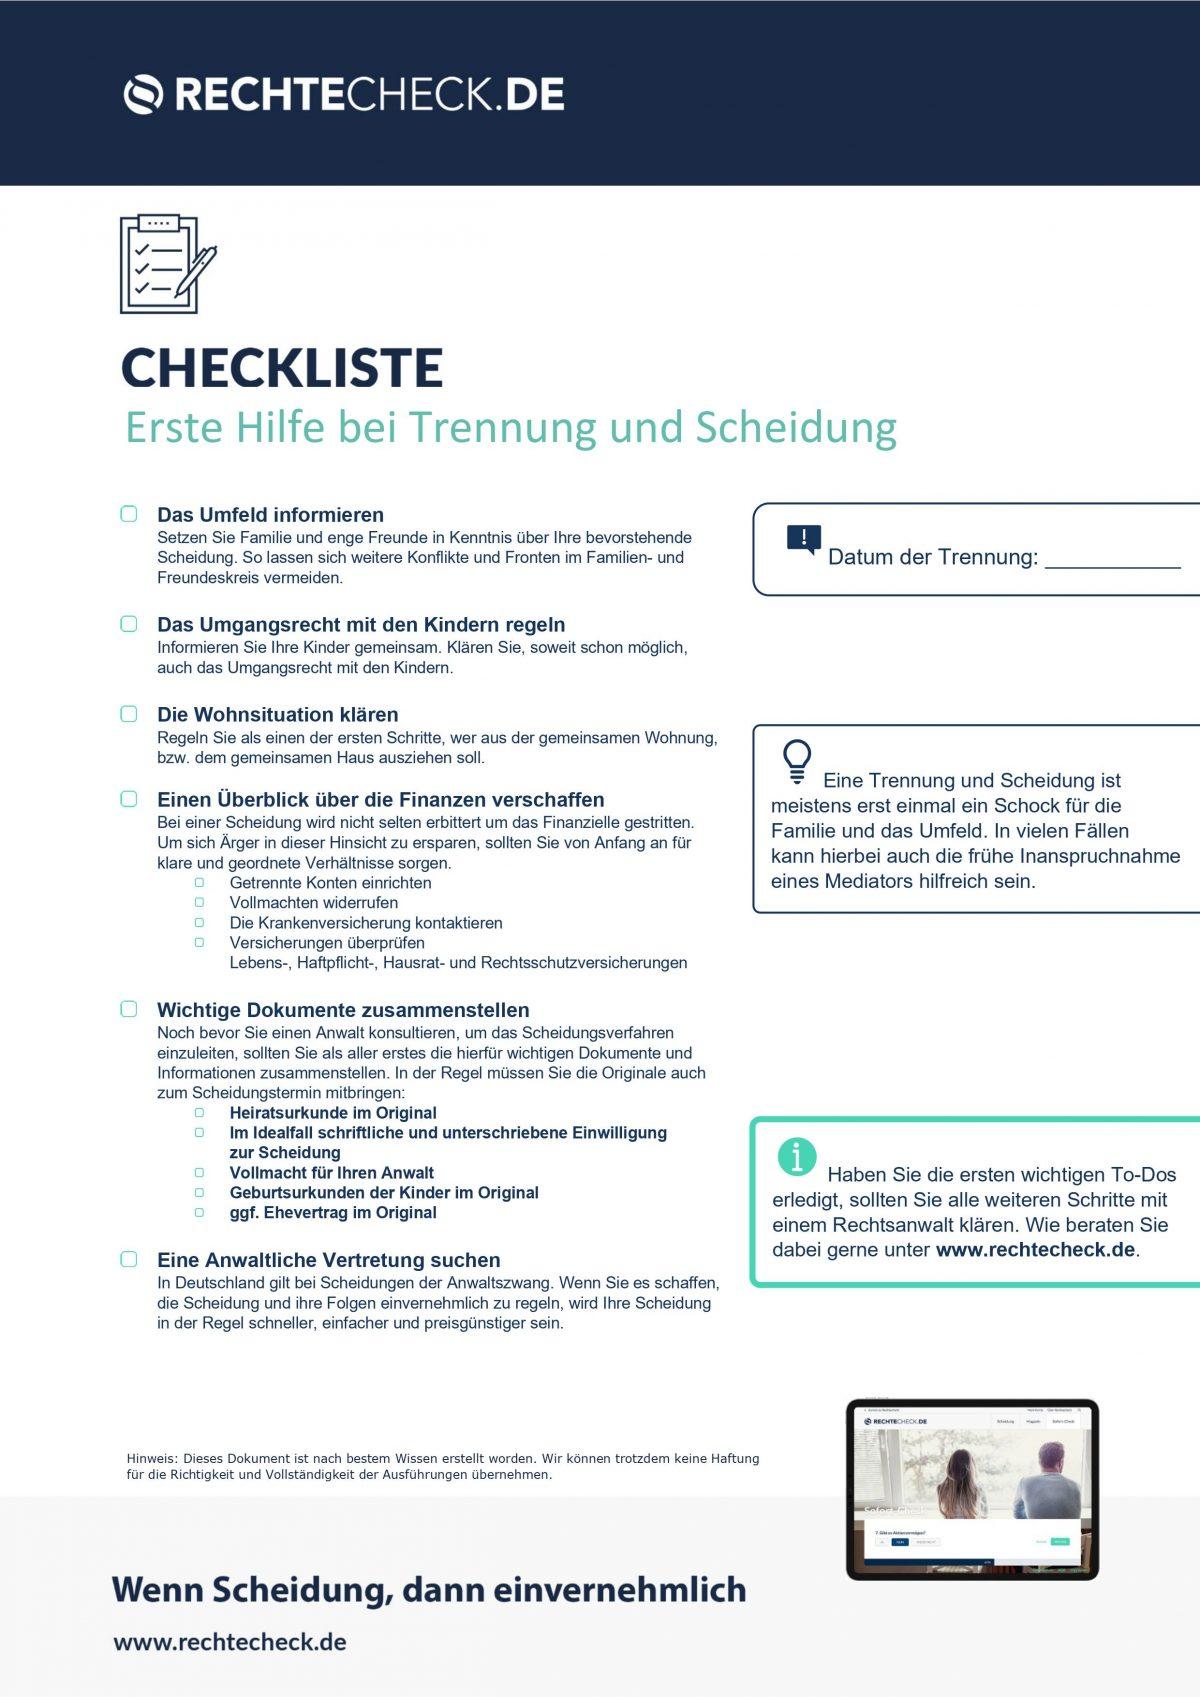 Checkliste: Erste Hilfe bei Scheidungen